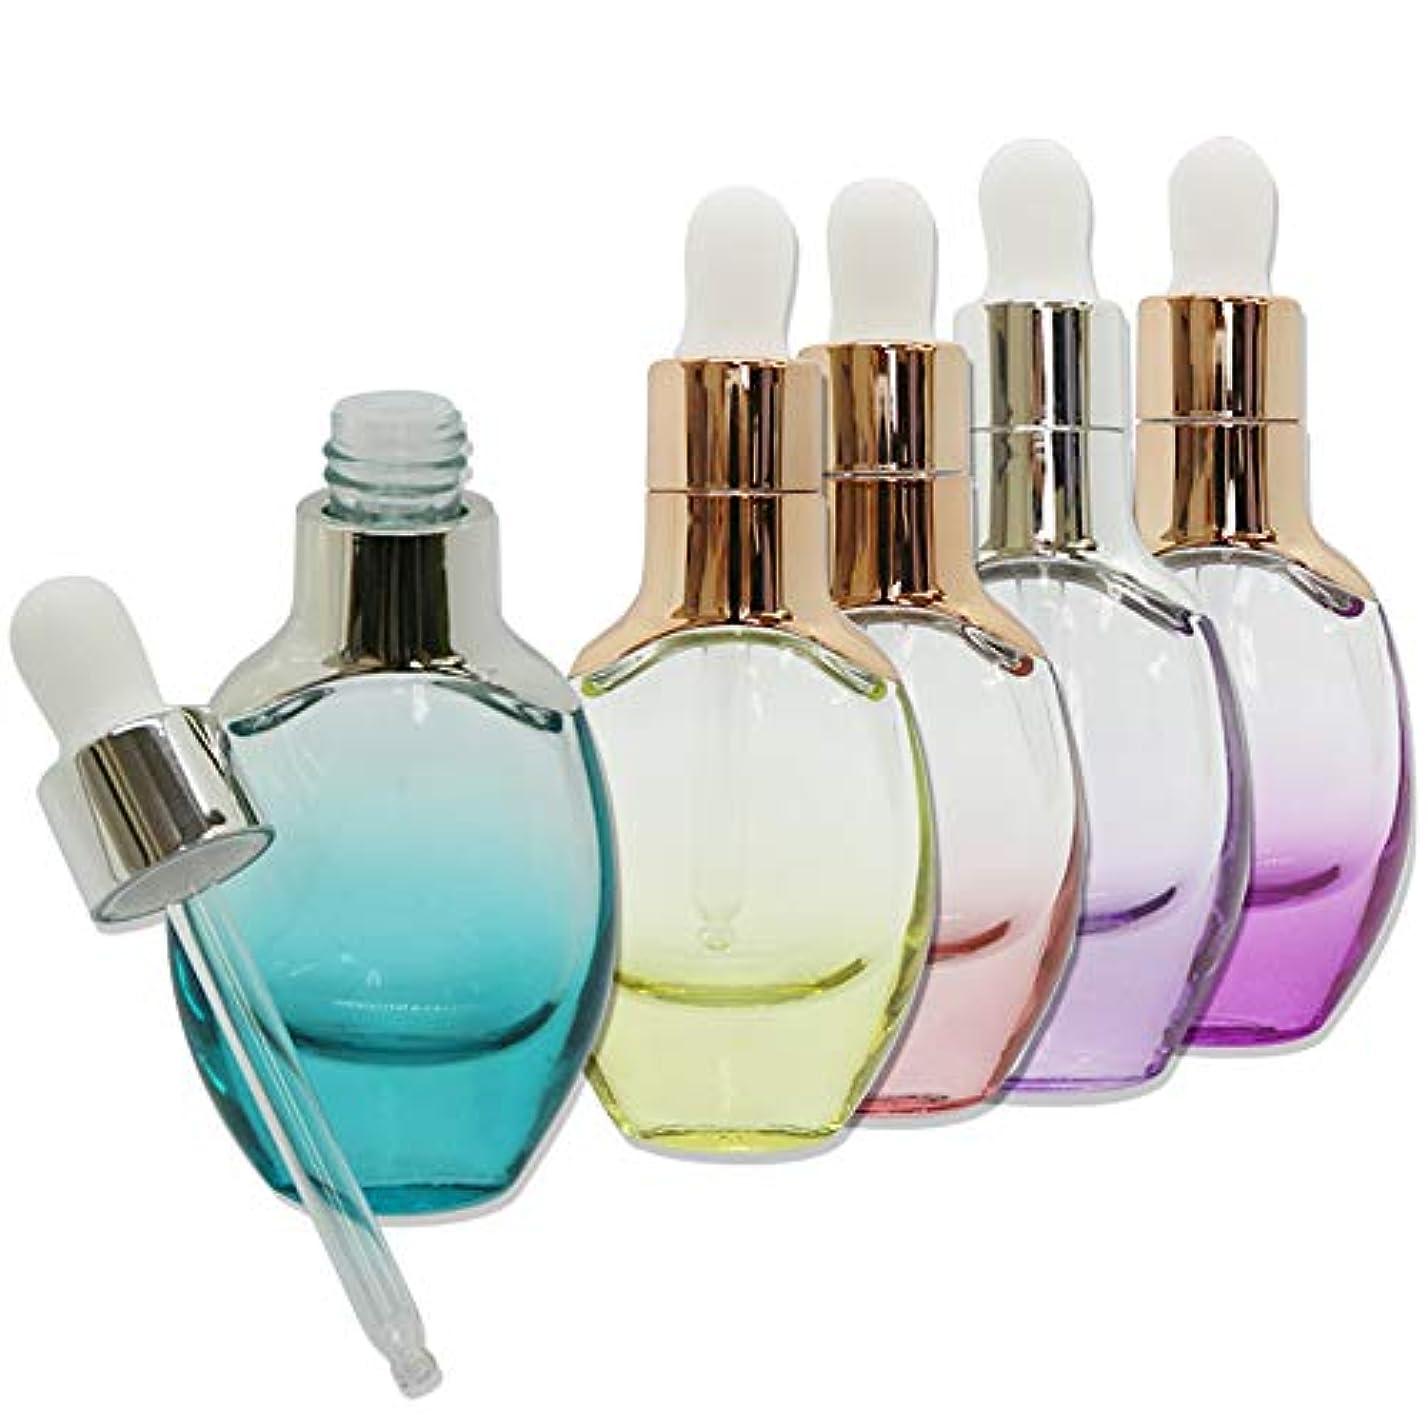 ふつう名声投資するkutsukage かわいい エッセンシャルボトル スポイト式 5本セット ガラス製 カラフル オイル 化粧品 オイル